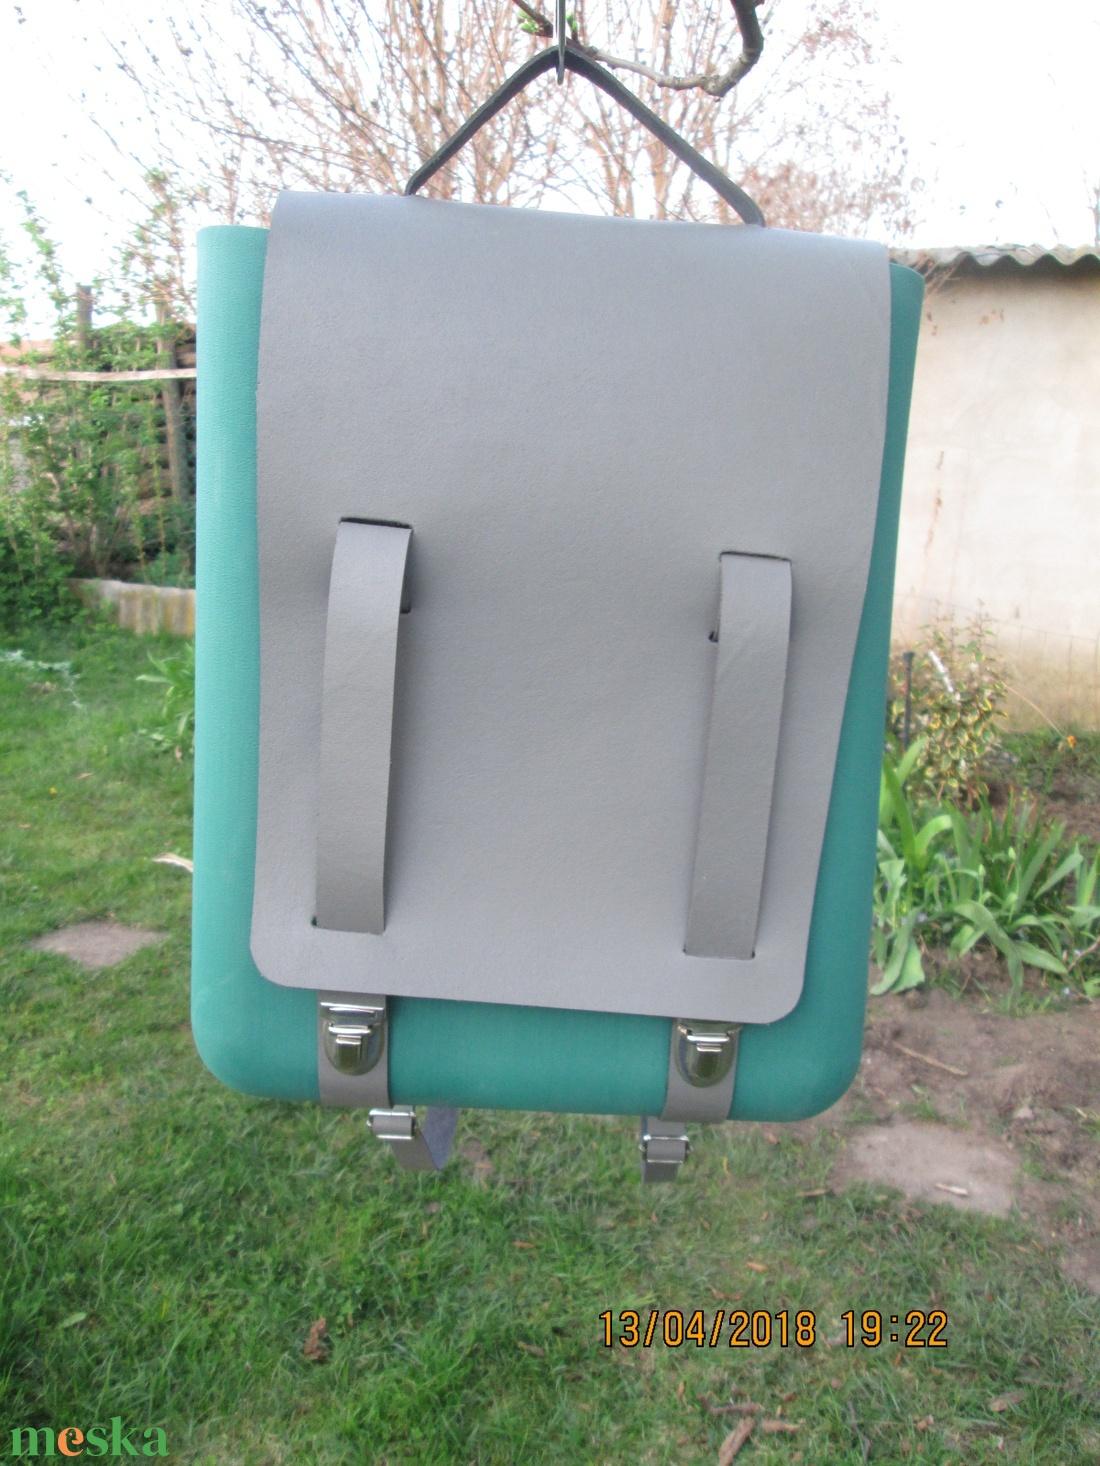 Új fajta hátizsák szett o bag Chick táskához - táska & tok - táskapánt & alkatrész - Meska.hu